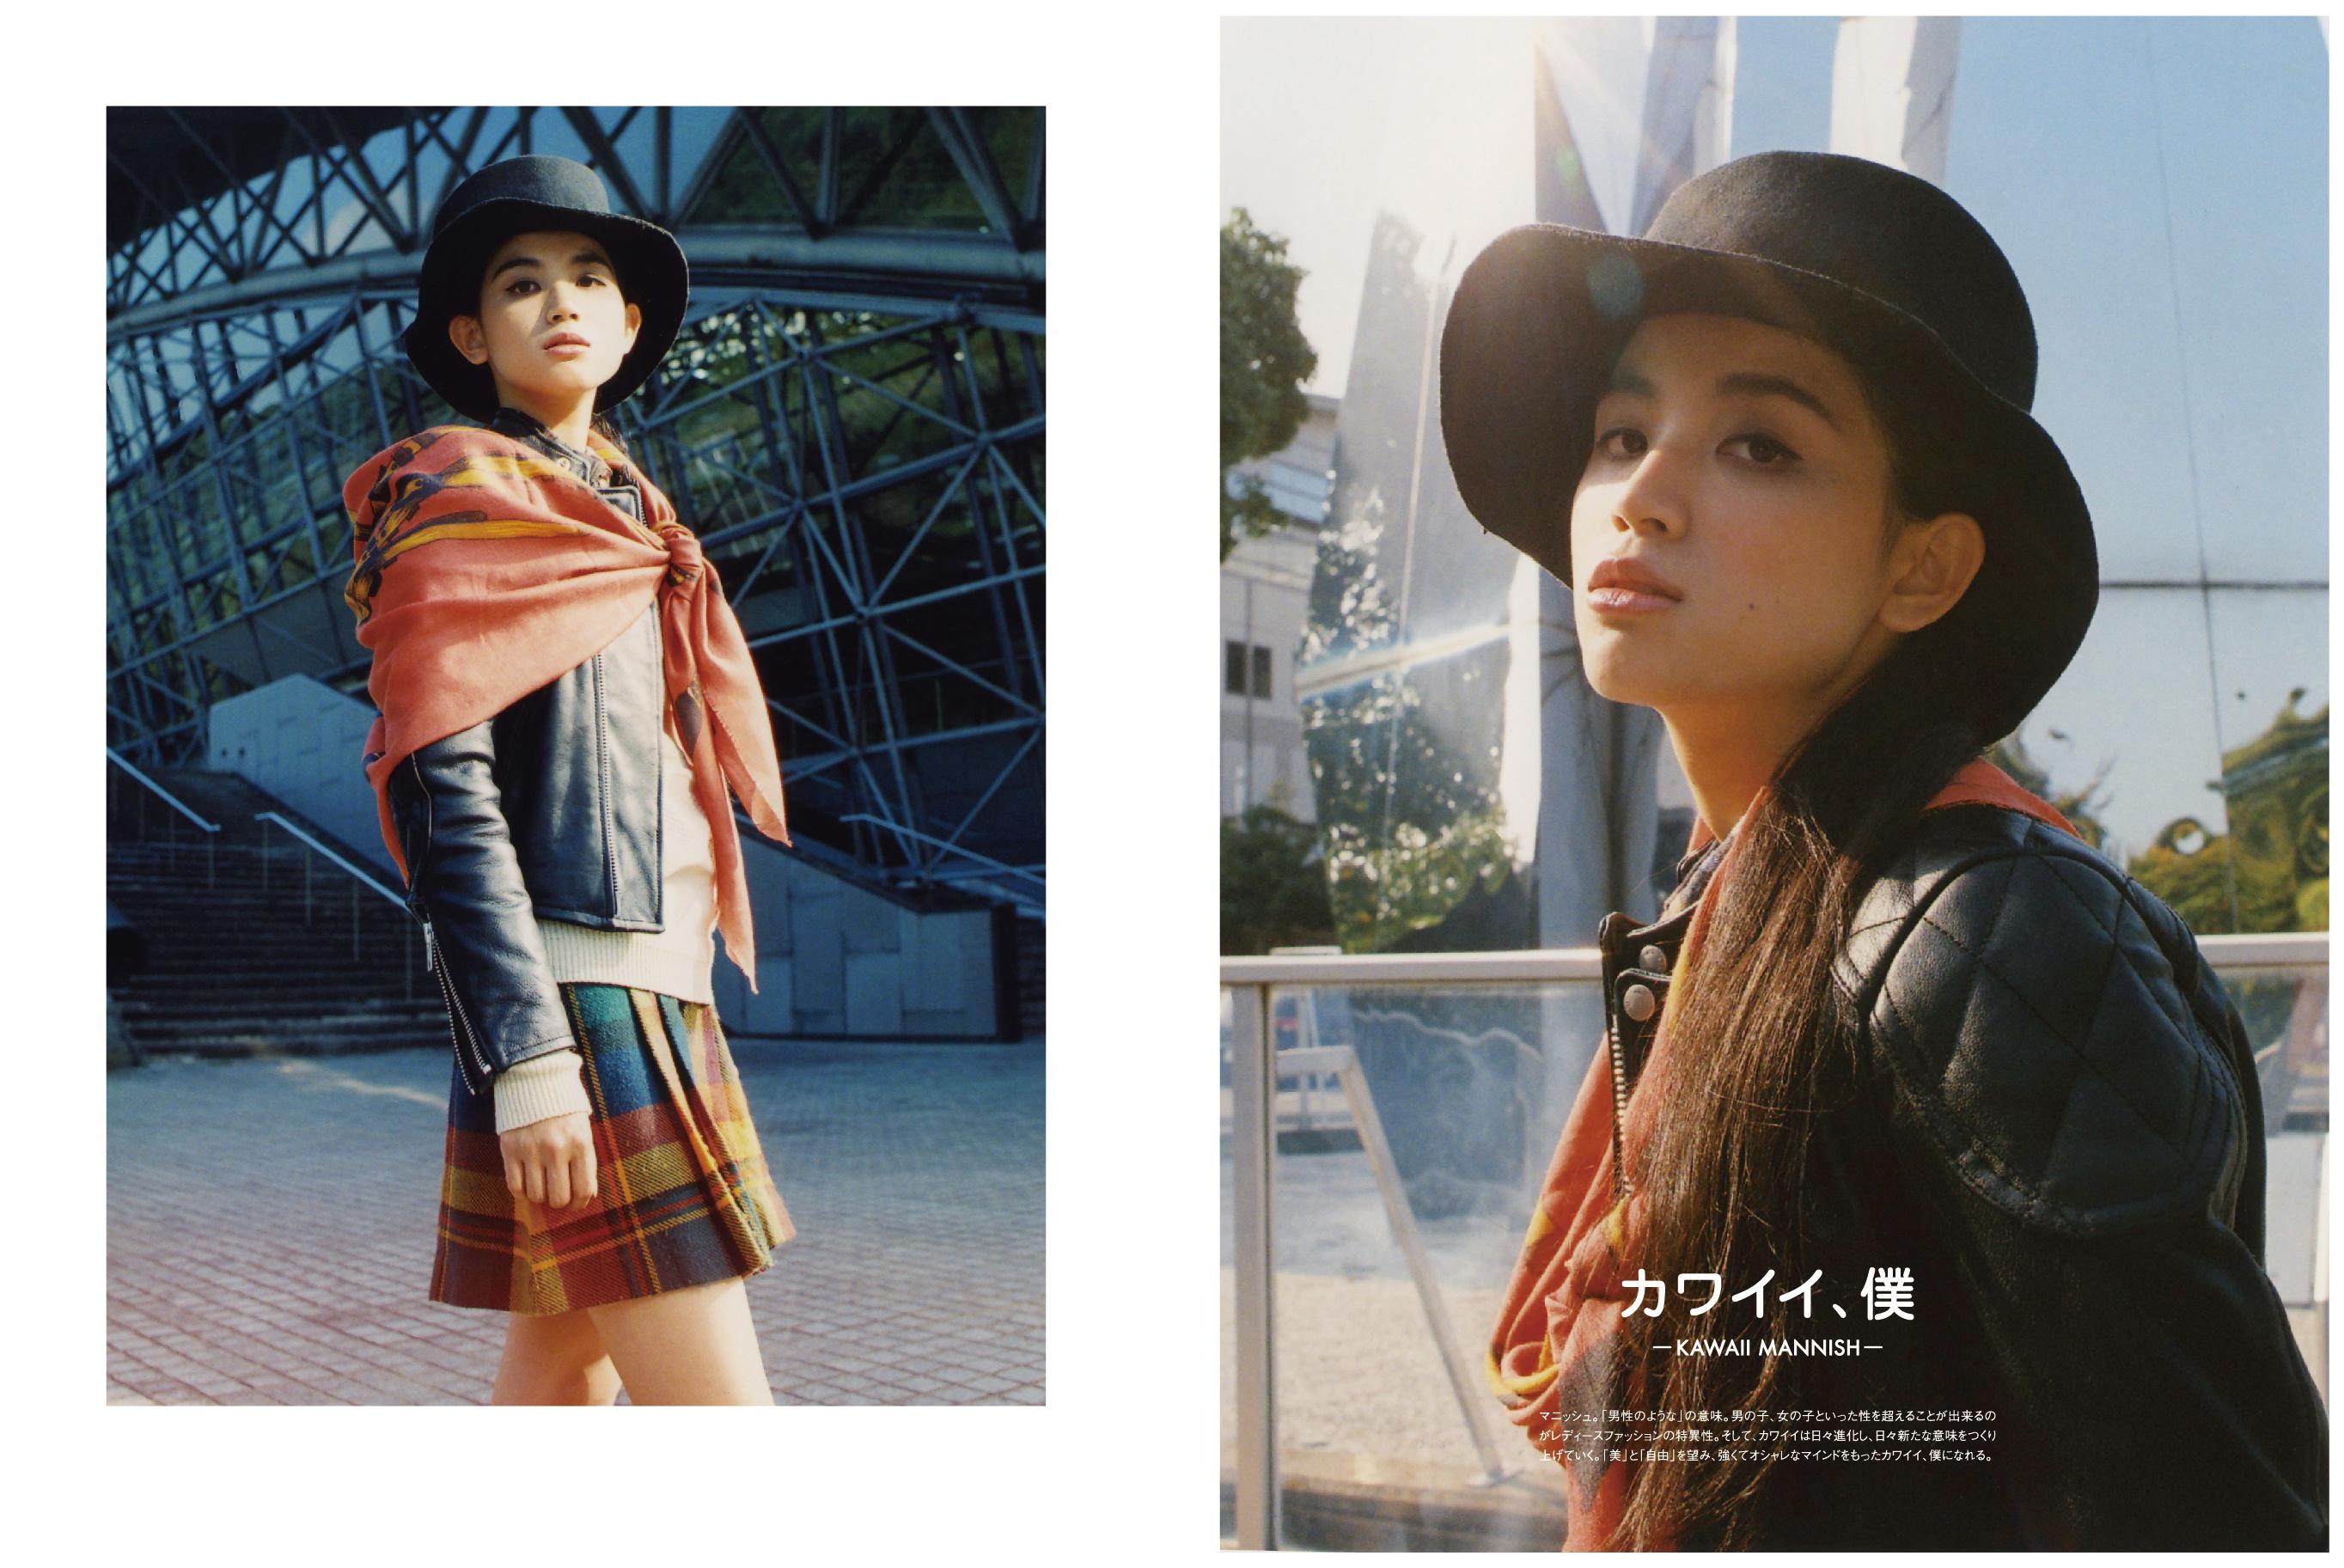 09_kawaii_01